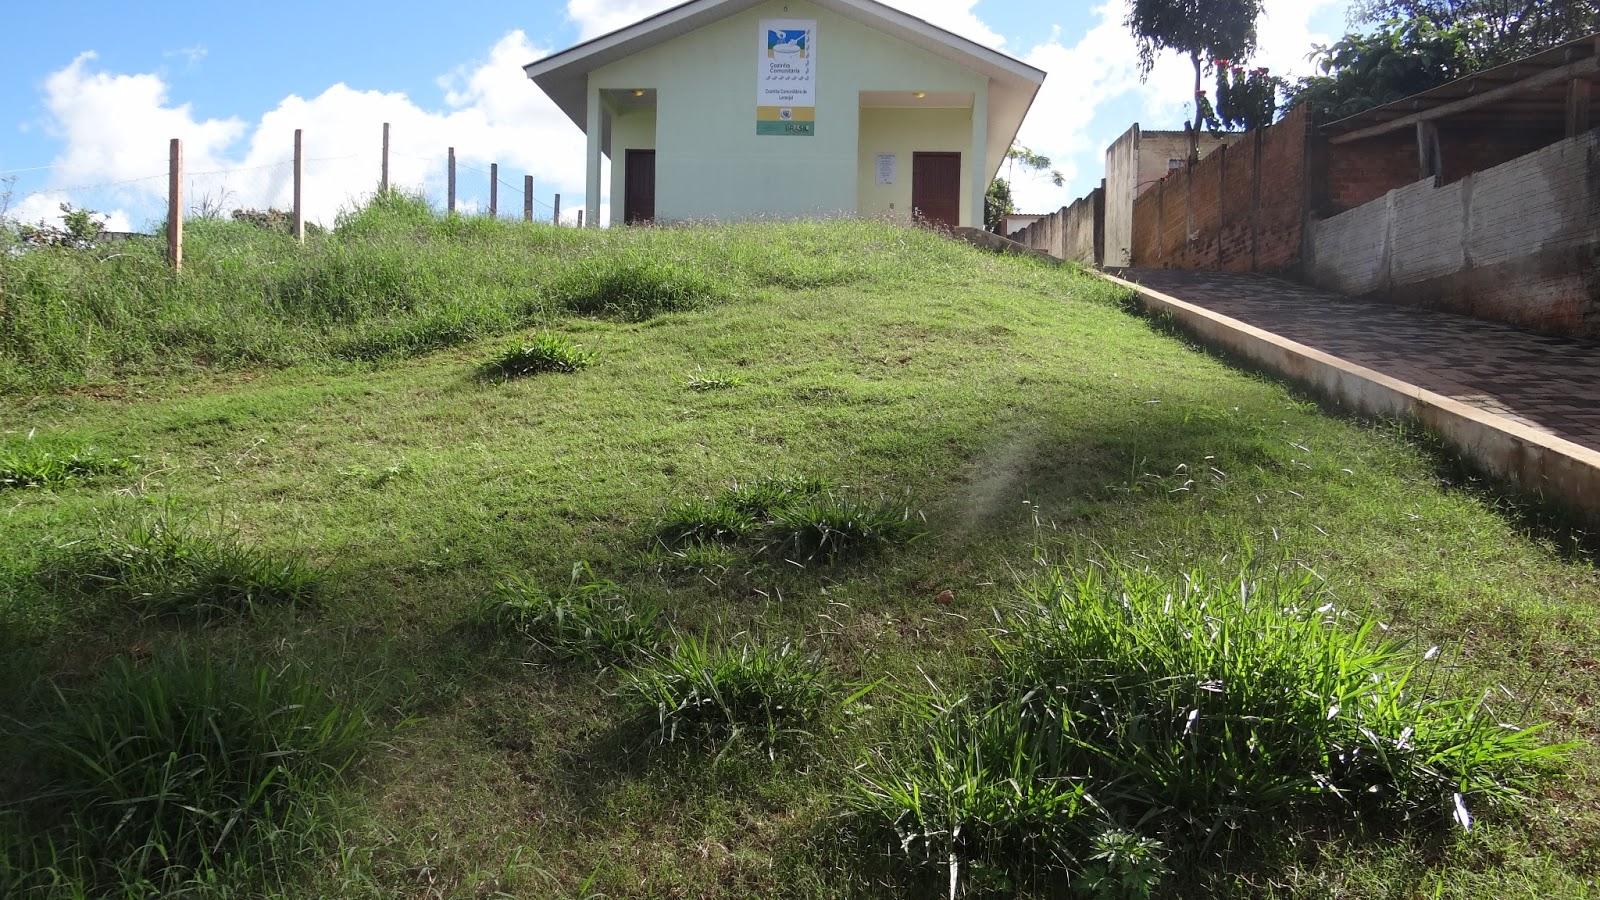 Blog Olho Aberto Paraná: Laranjal:Cozinha Comunitária ou elefante  #0768C4 1600 900